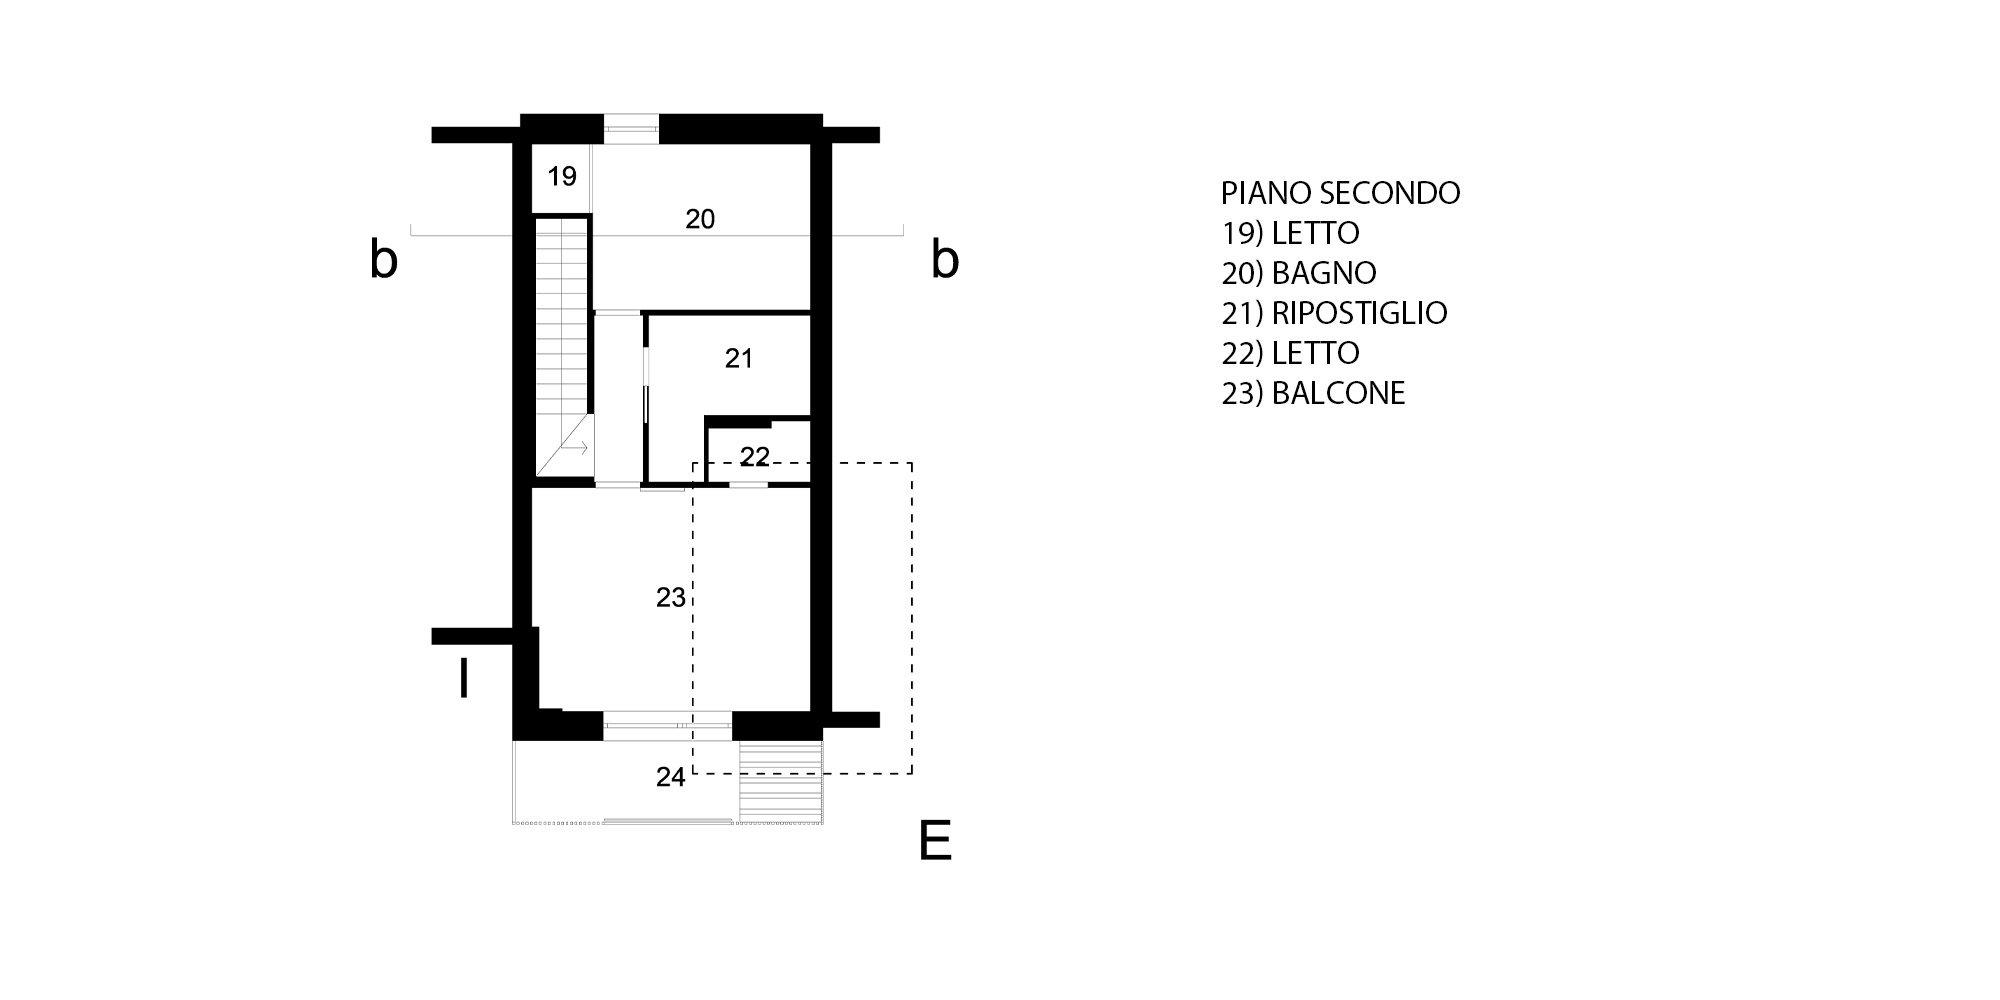 Pianta piano secondo © Piraccini + Potente Architettura